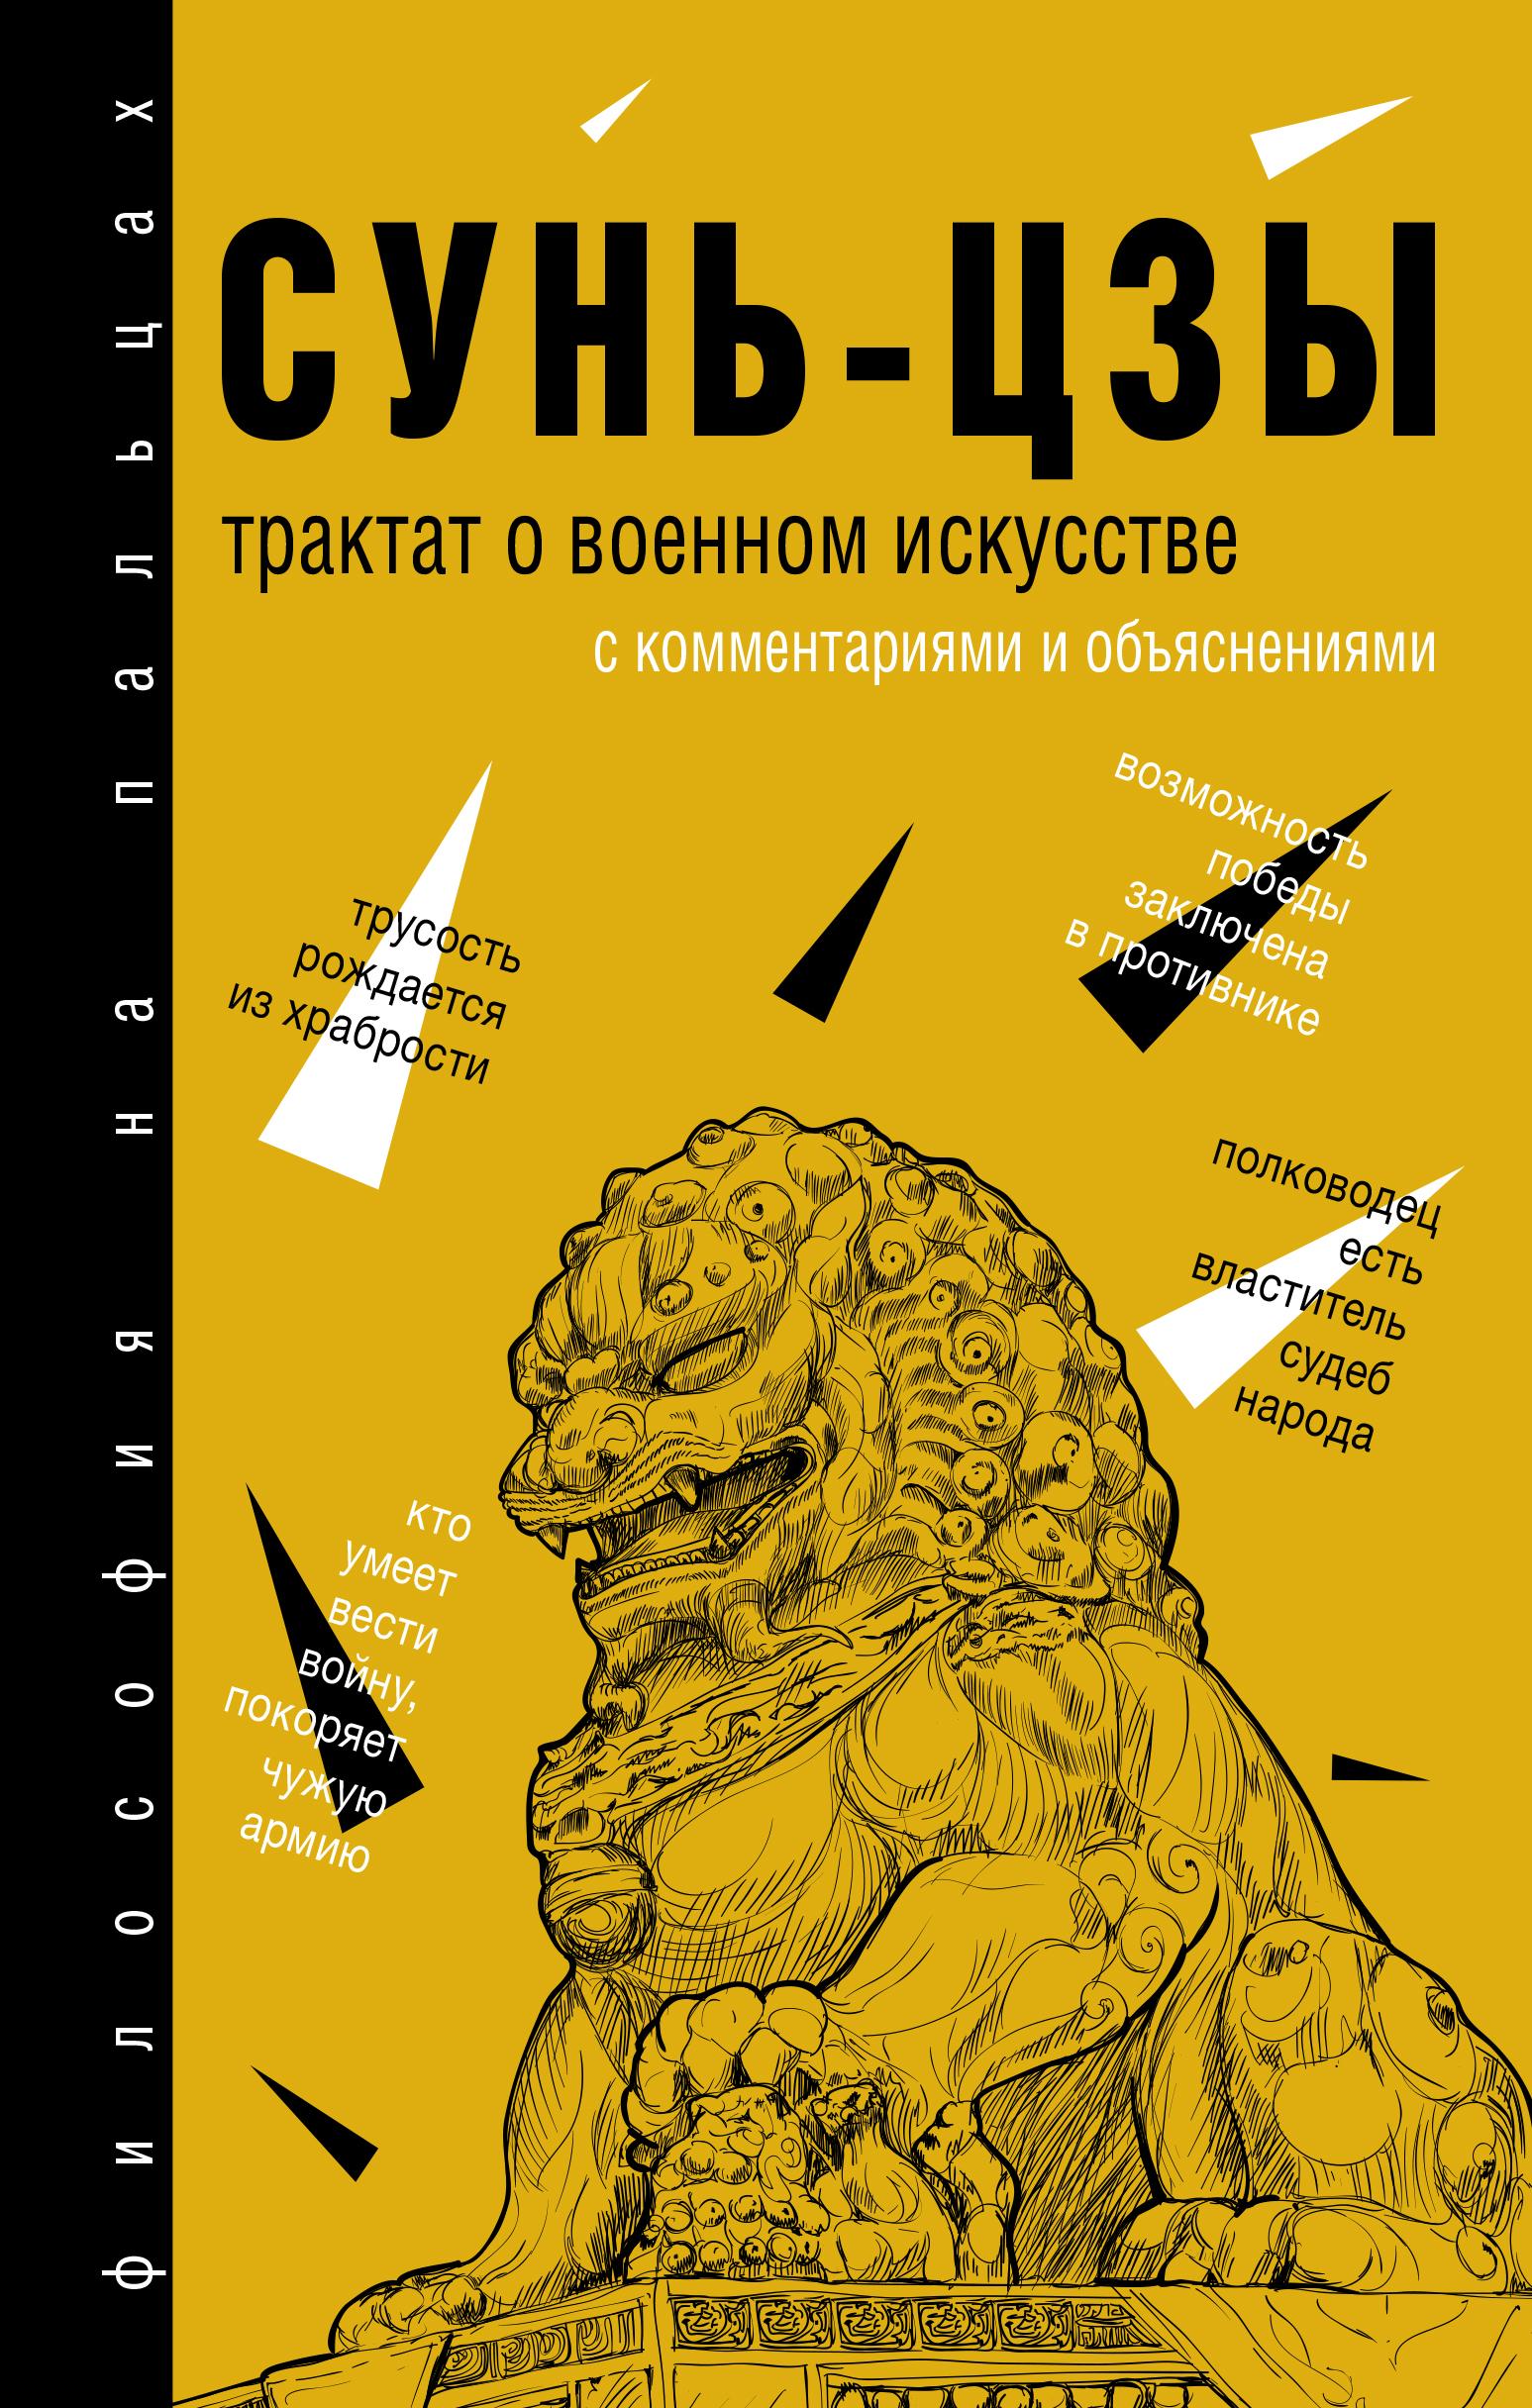 Сунь-цзы Трактат о военном искусстве